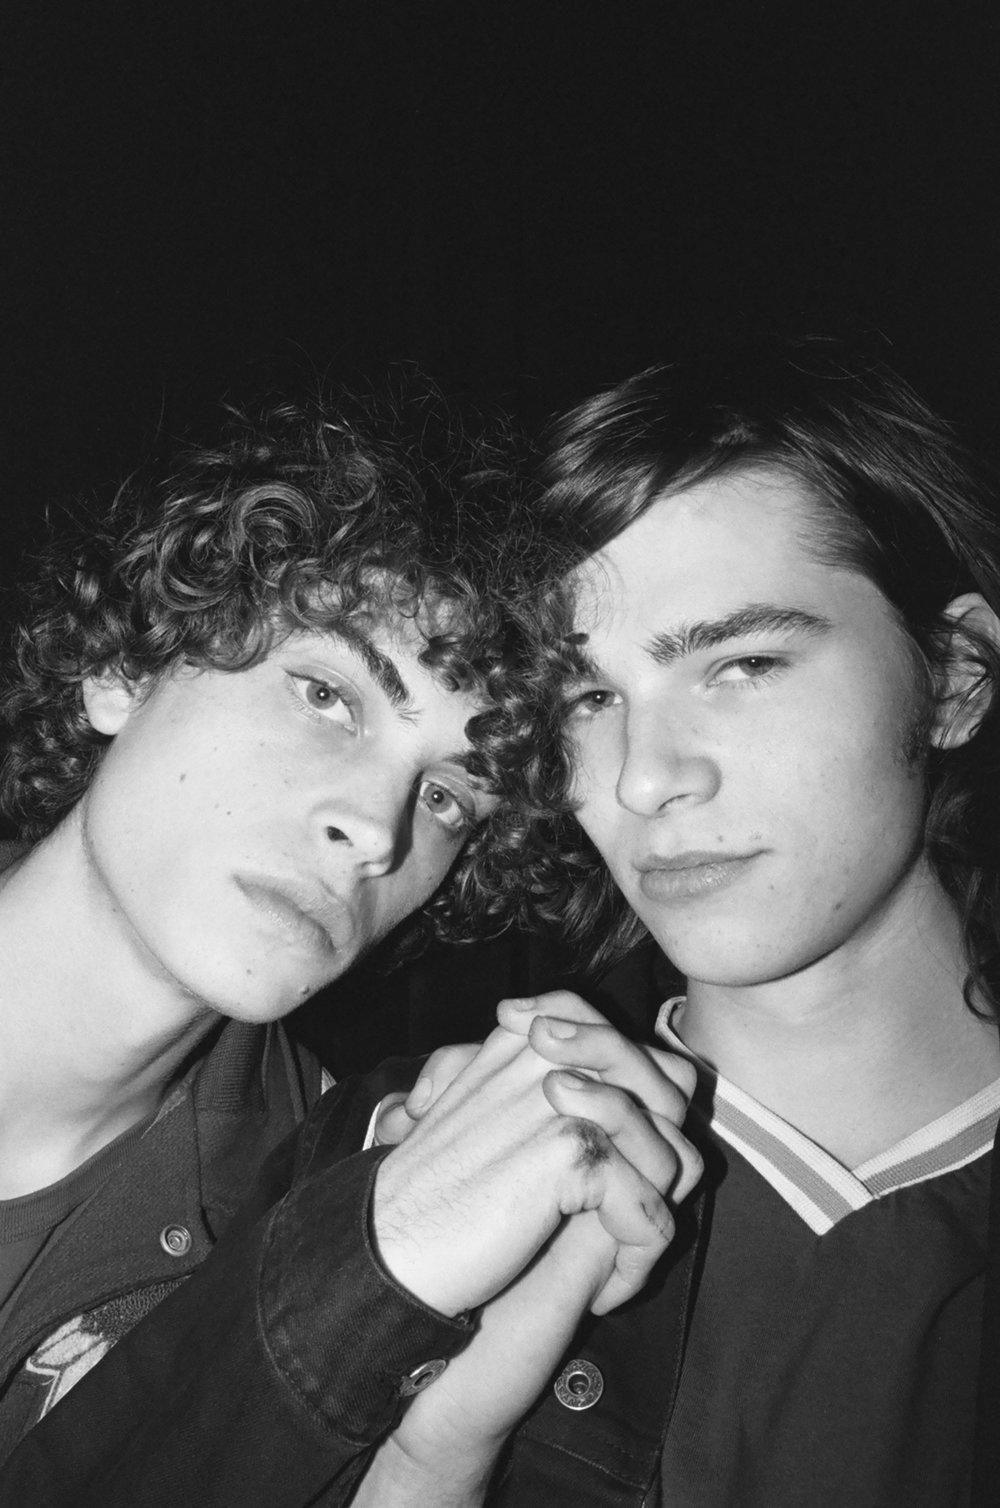 Lucas and Noah